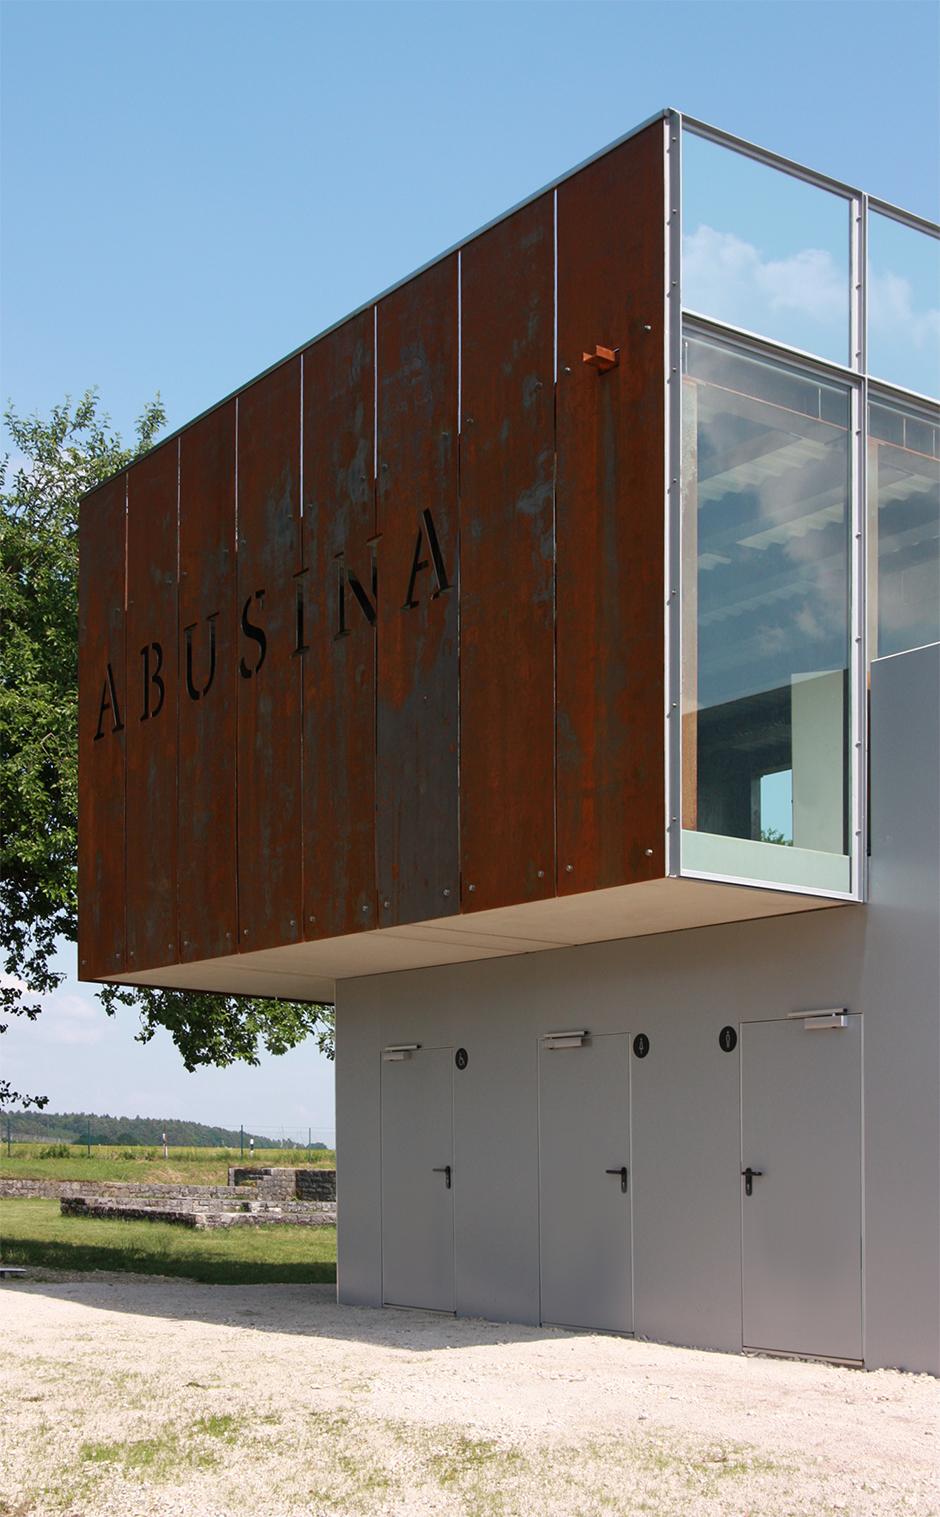 Ausstellungsarchitektur. Ausstellungsgebäude auf einer Wiese mit Bäumen